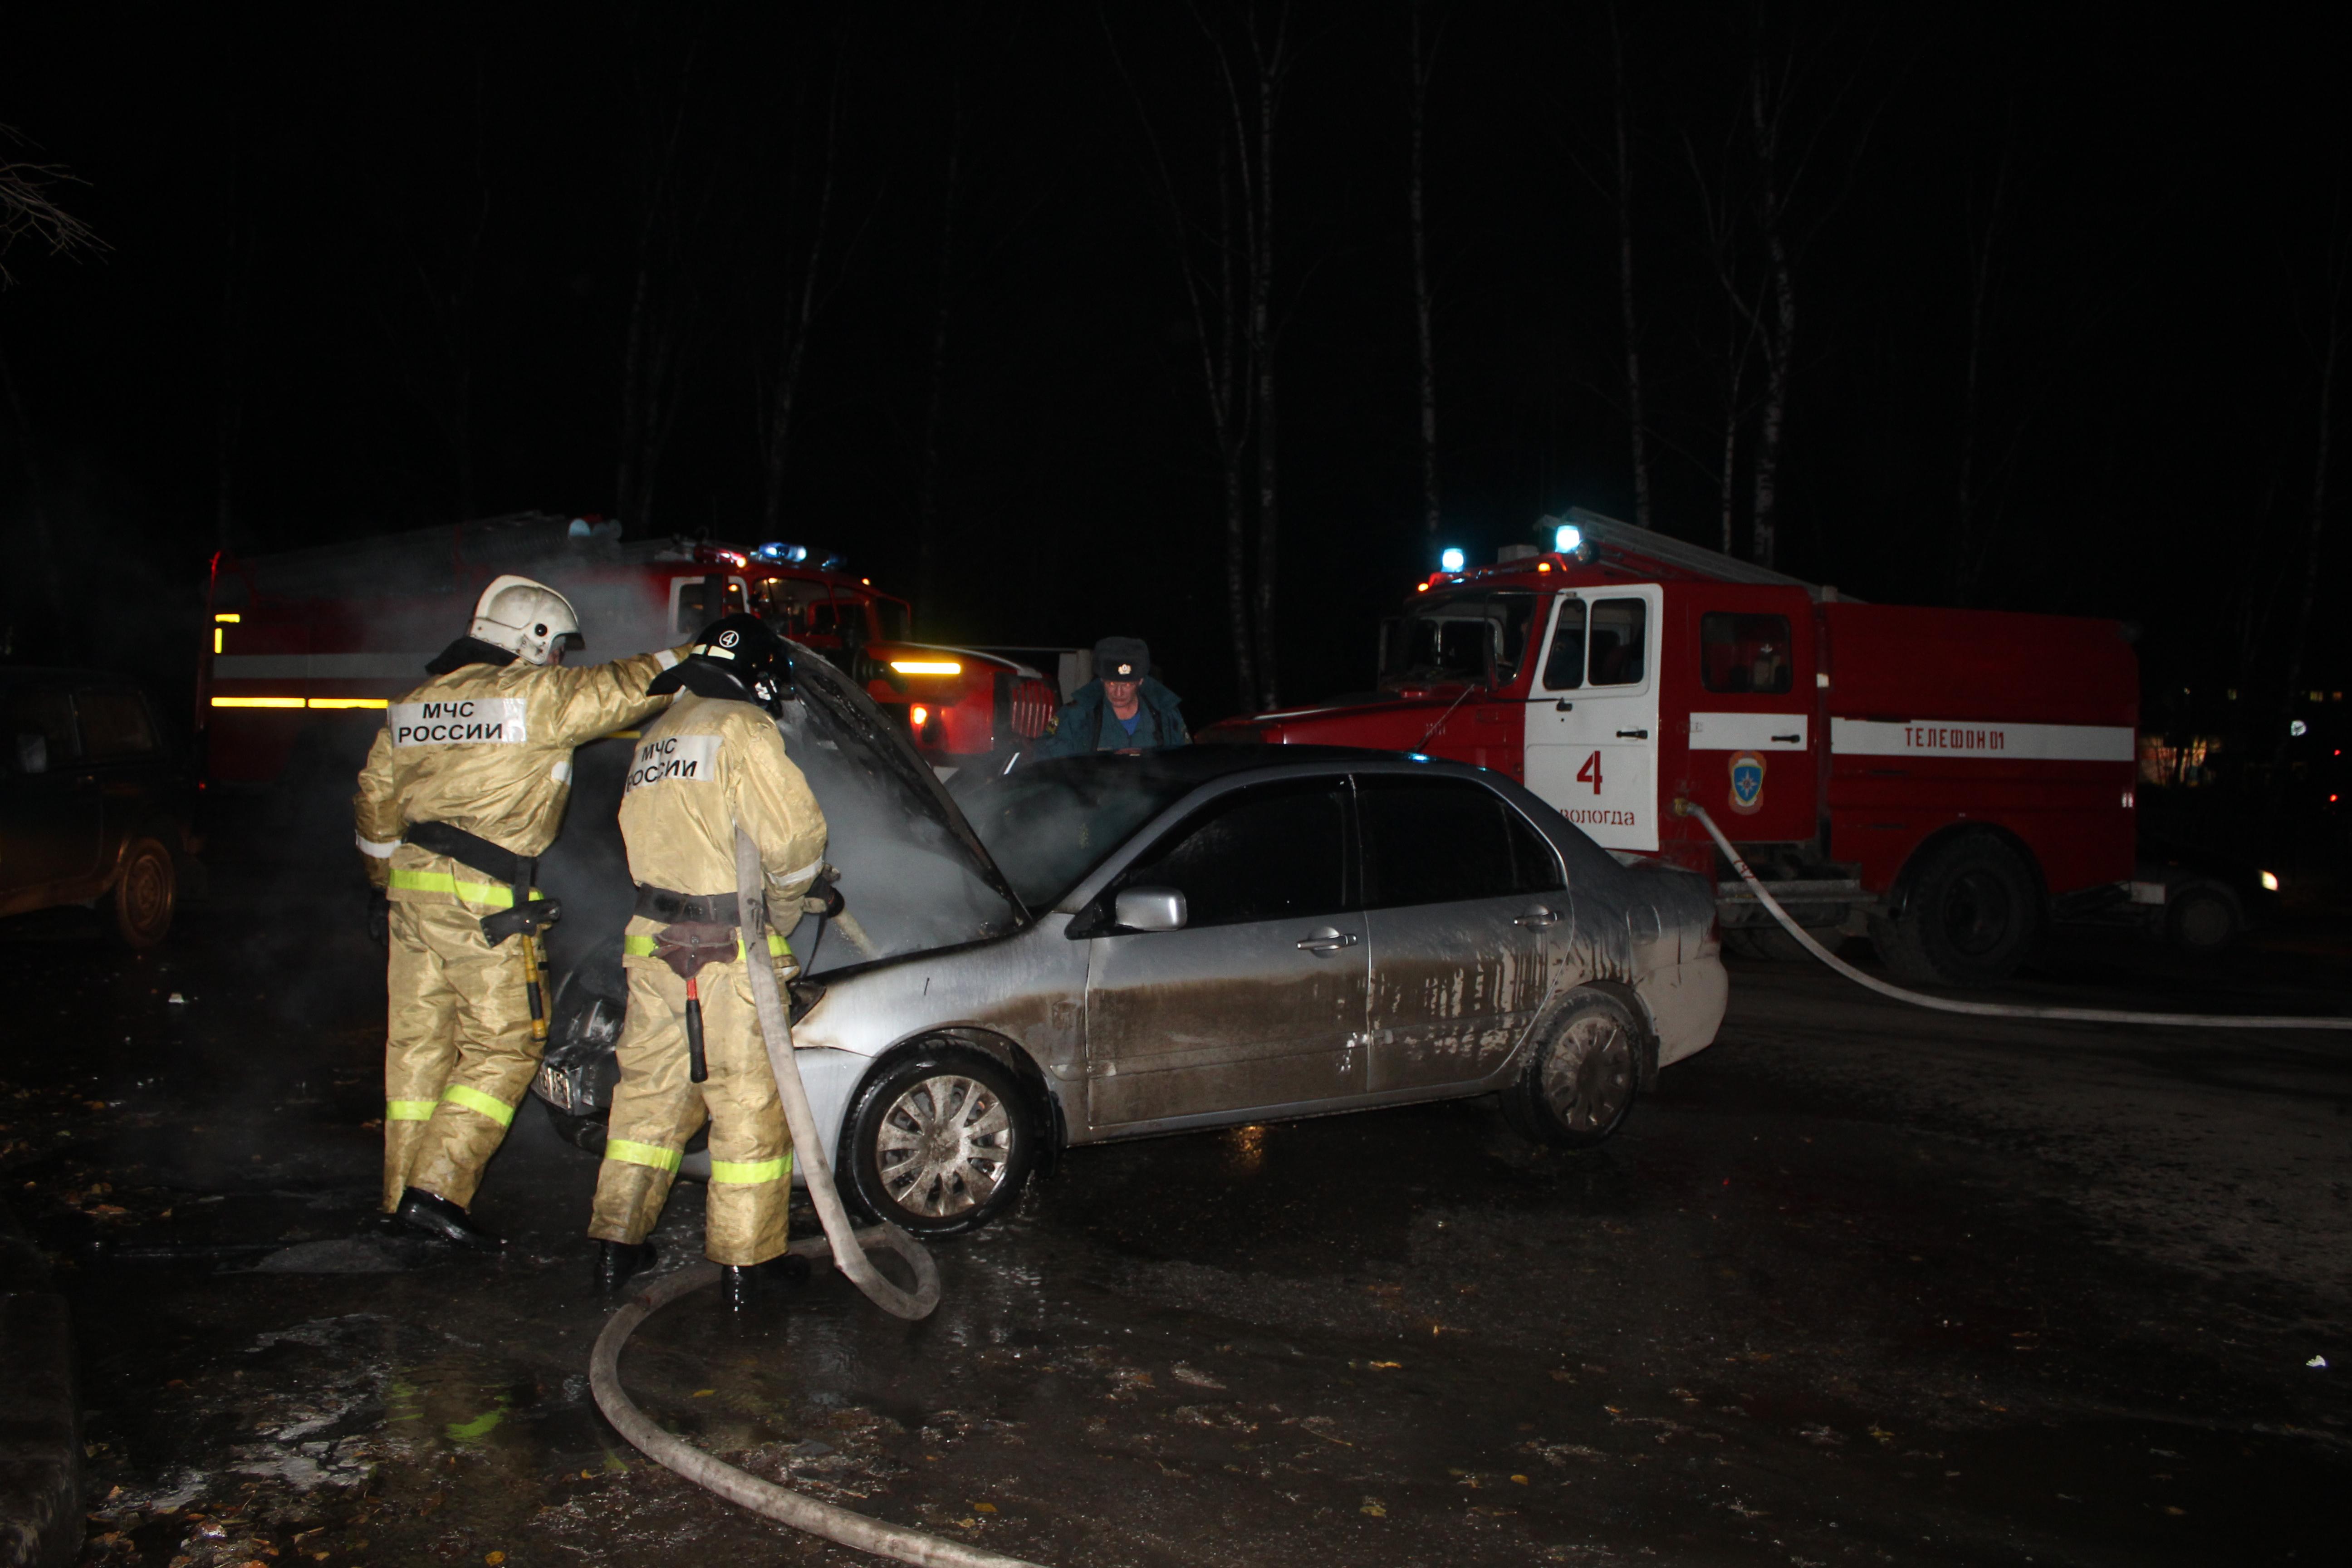 Автомобиль загорелся на ходу в центре Вологды